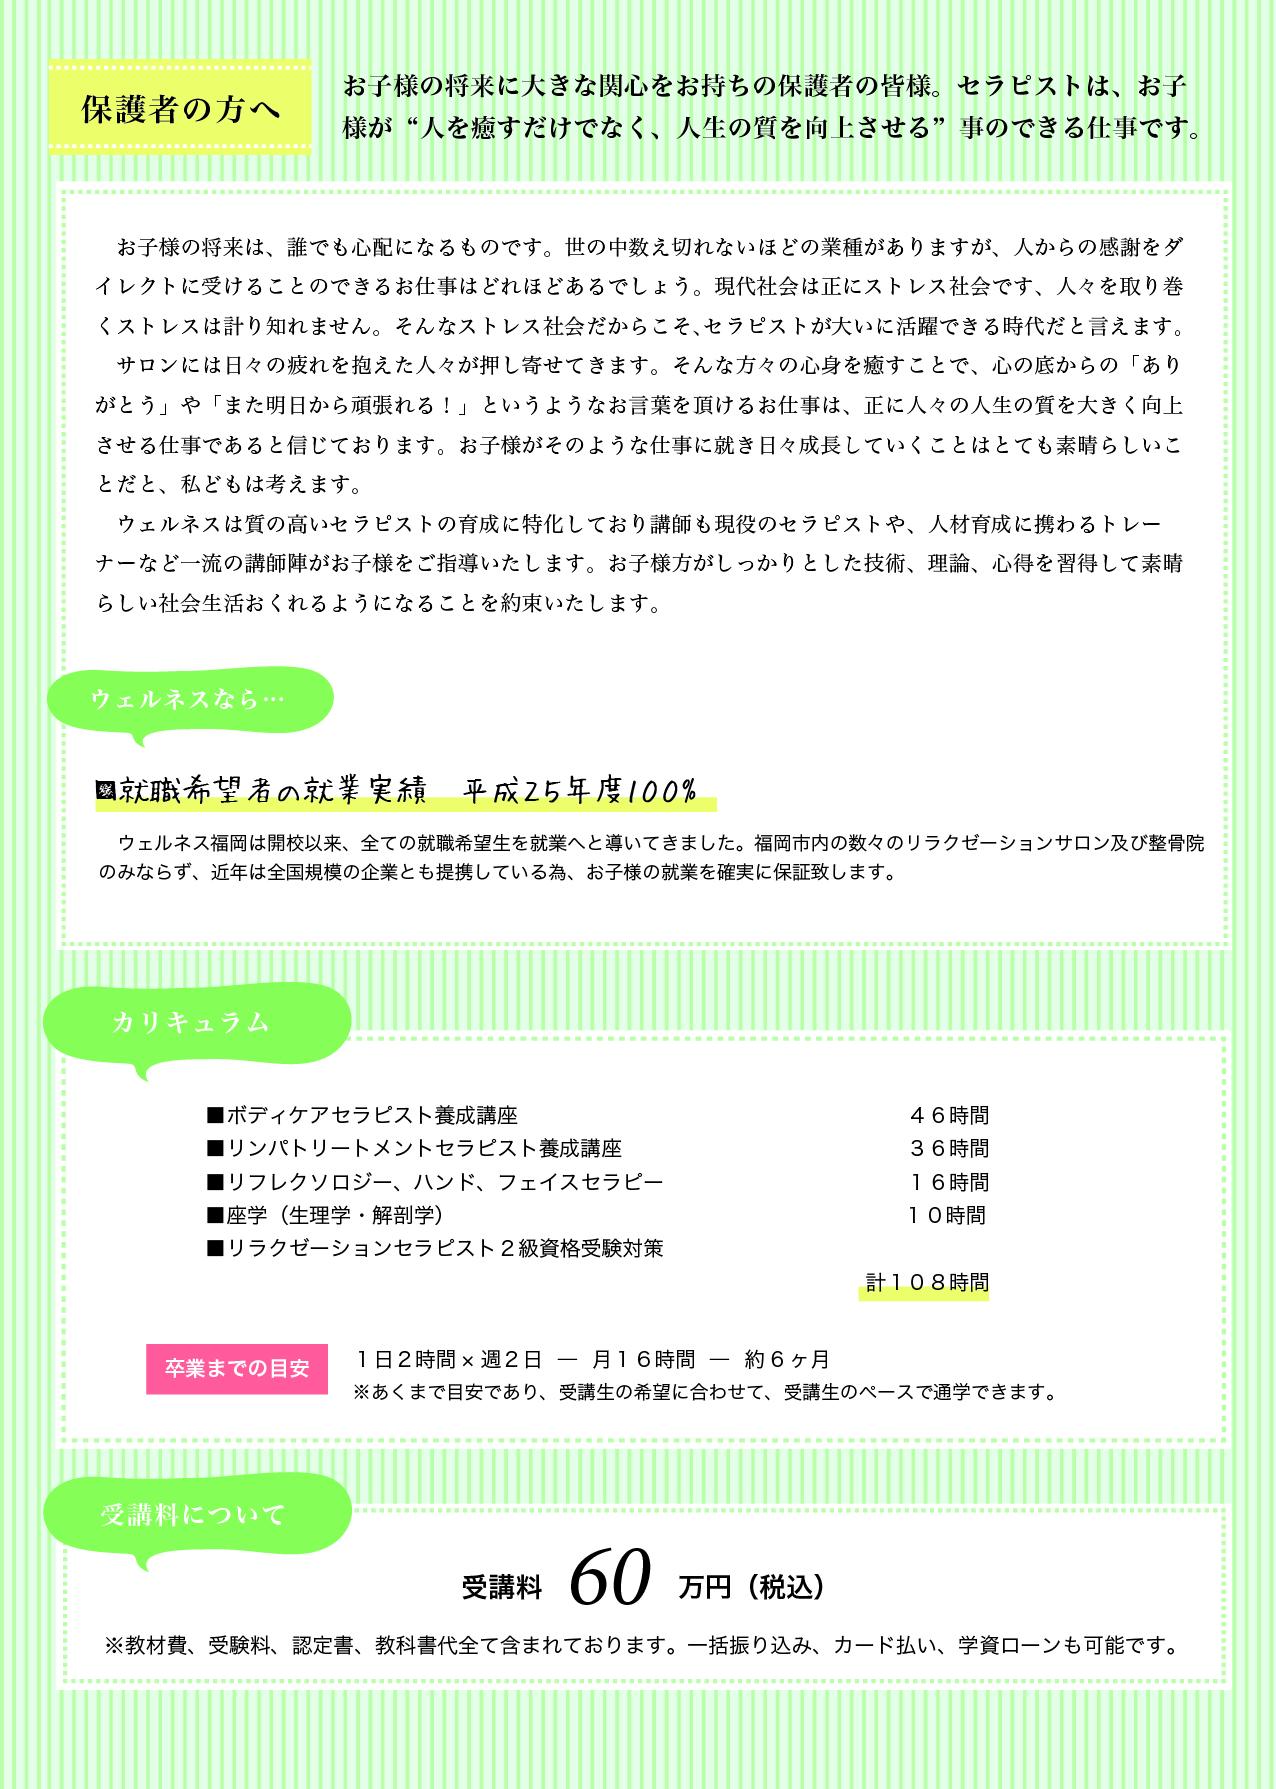 0321_高校生パンフレット-04